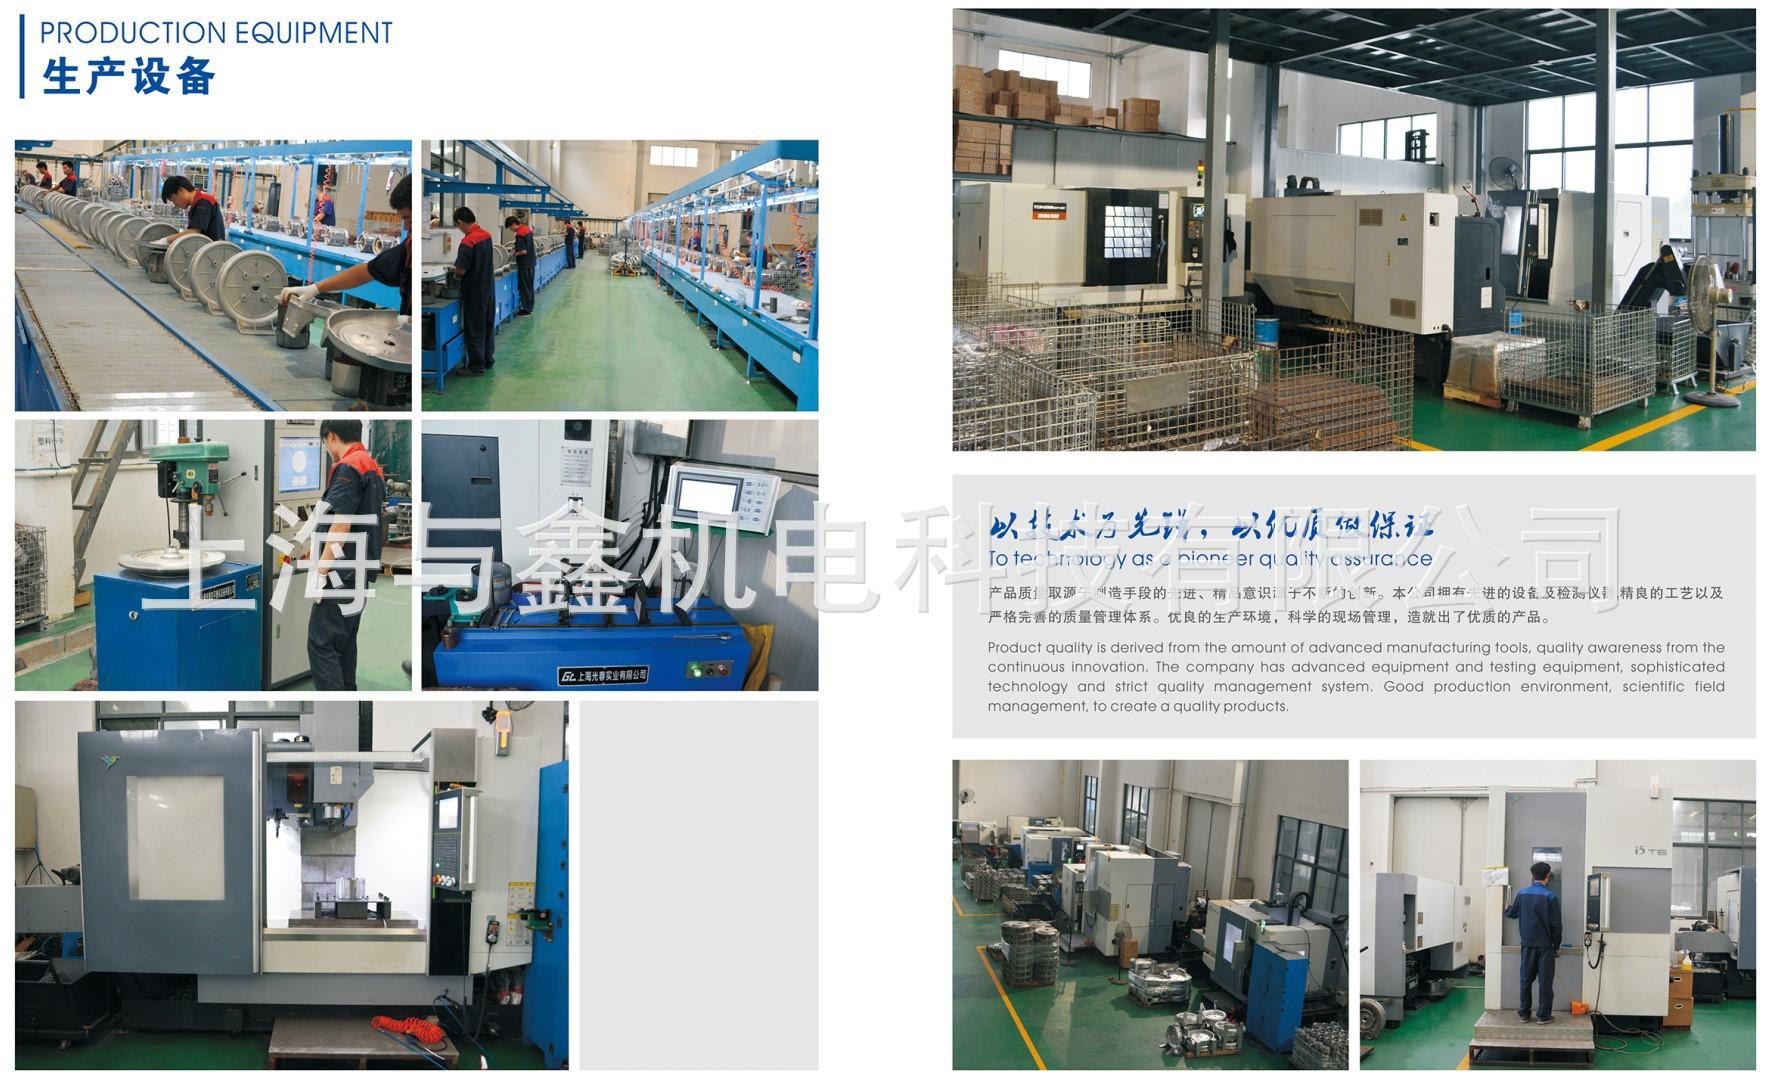 车间移动式工业吸尘器 4000W大功率工业吸尘器 手动振尘吸尘机 工业移动式吸尘器示例图16